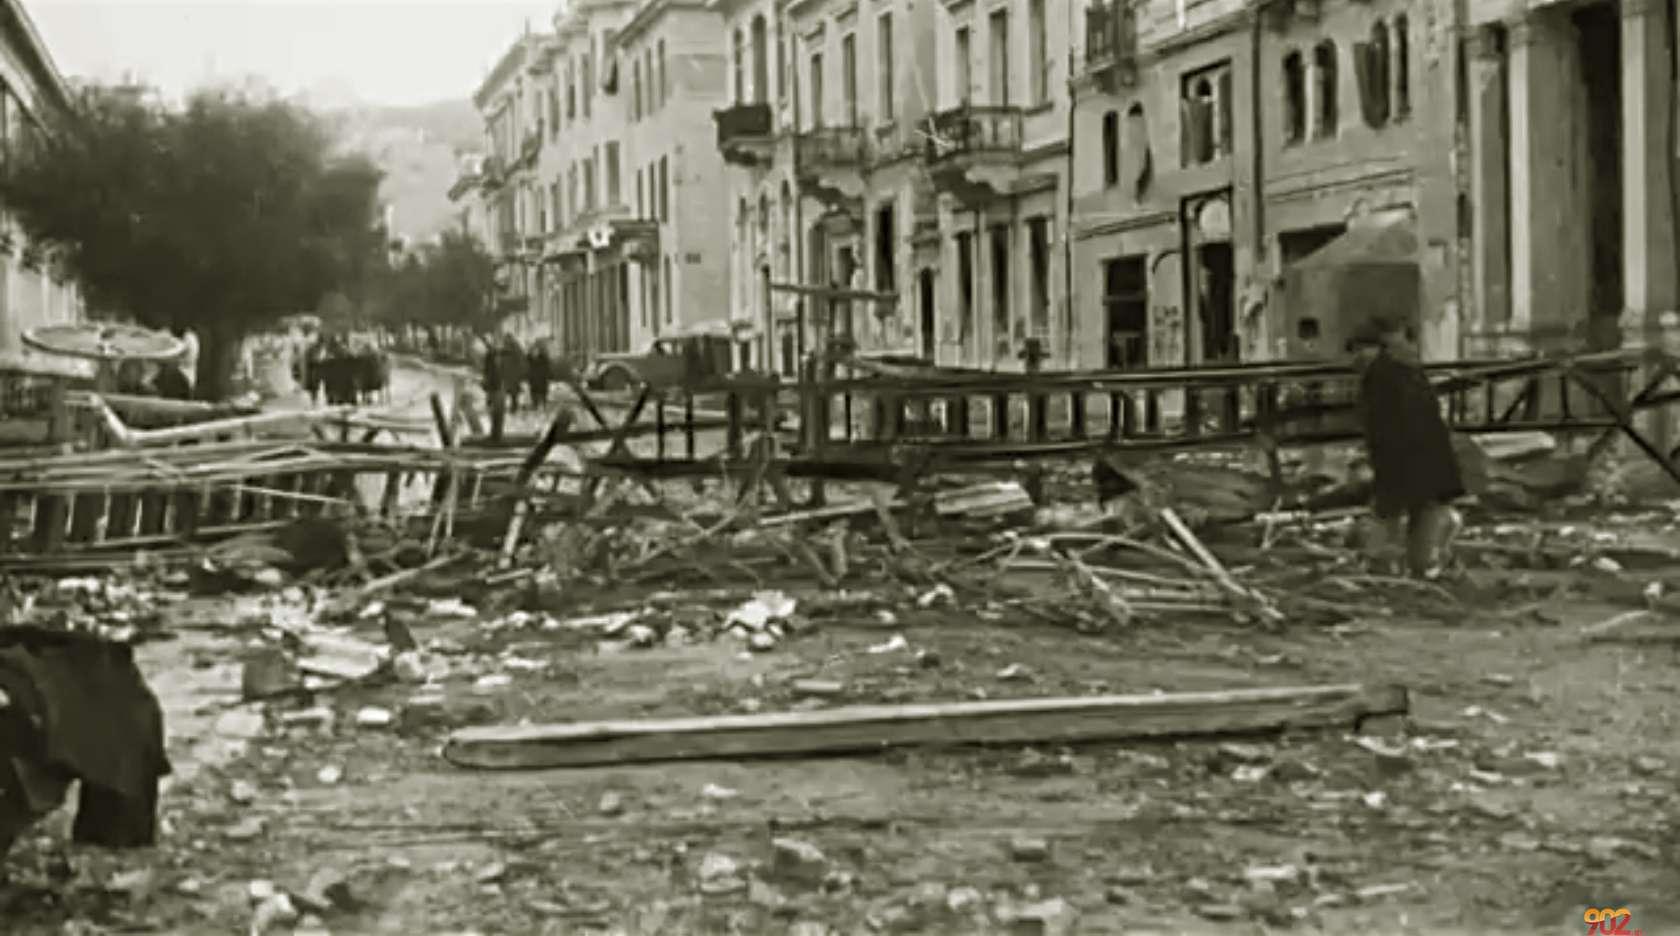 Δεκέμβρης 1944 - 33 μέρες 902.gr